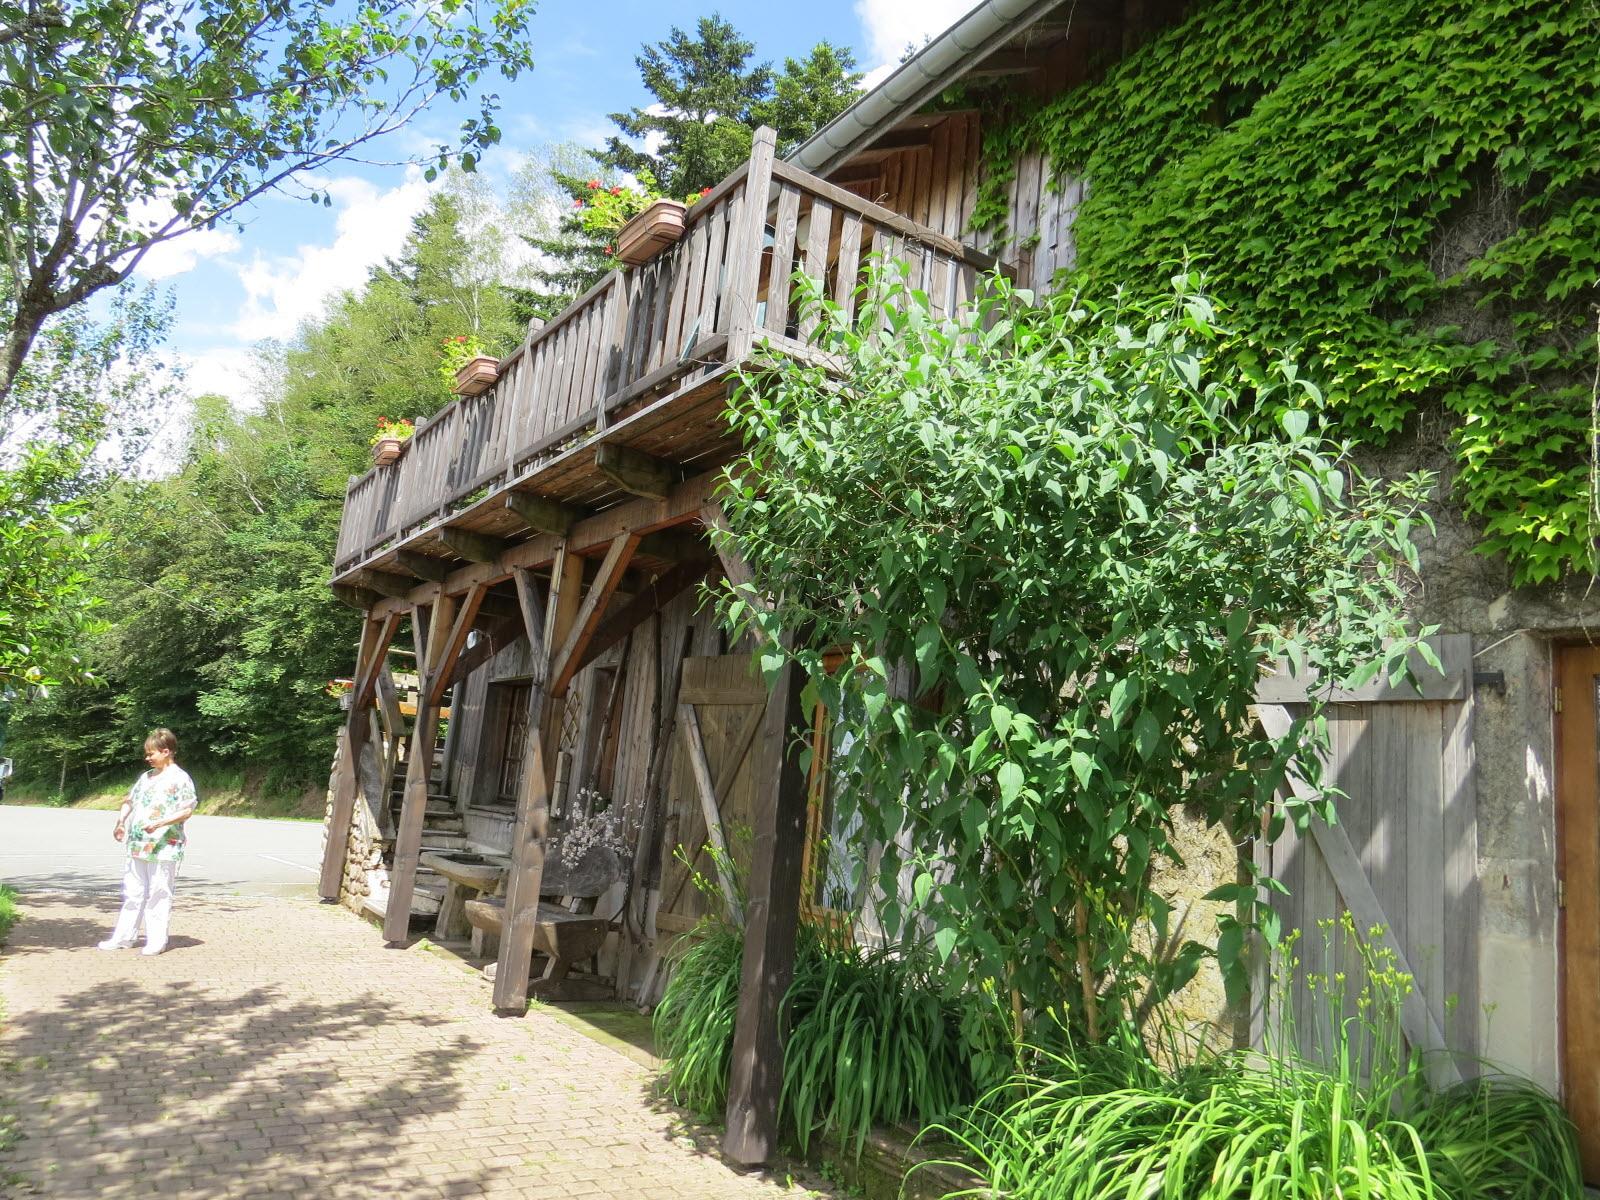 la-ferme-saint-vallier-du-girmont-val-d-ajol-en-images-1470862123_9